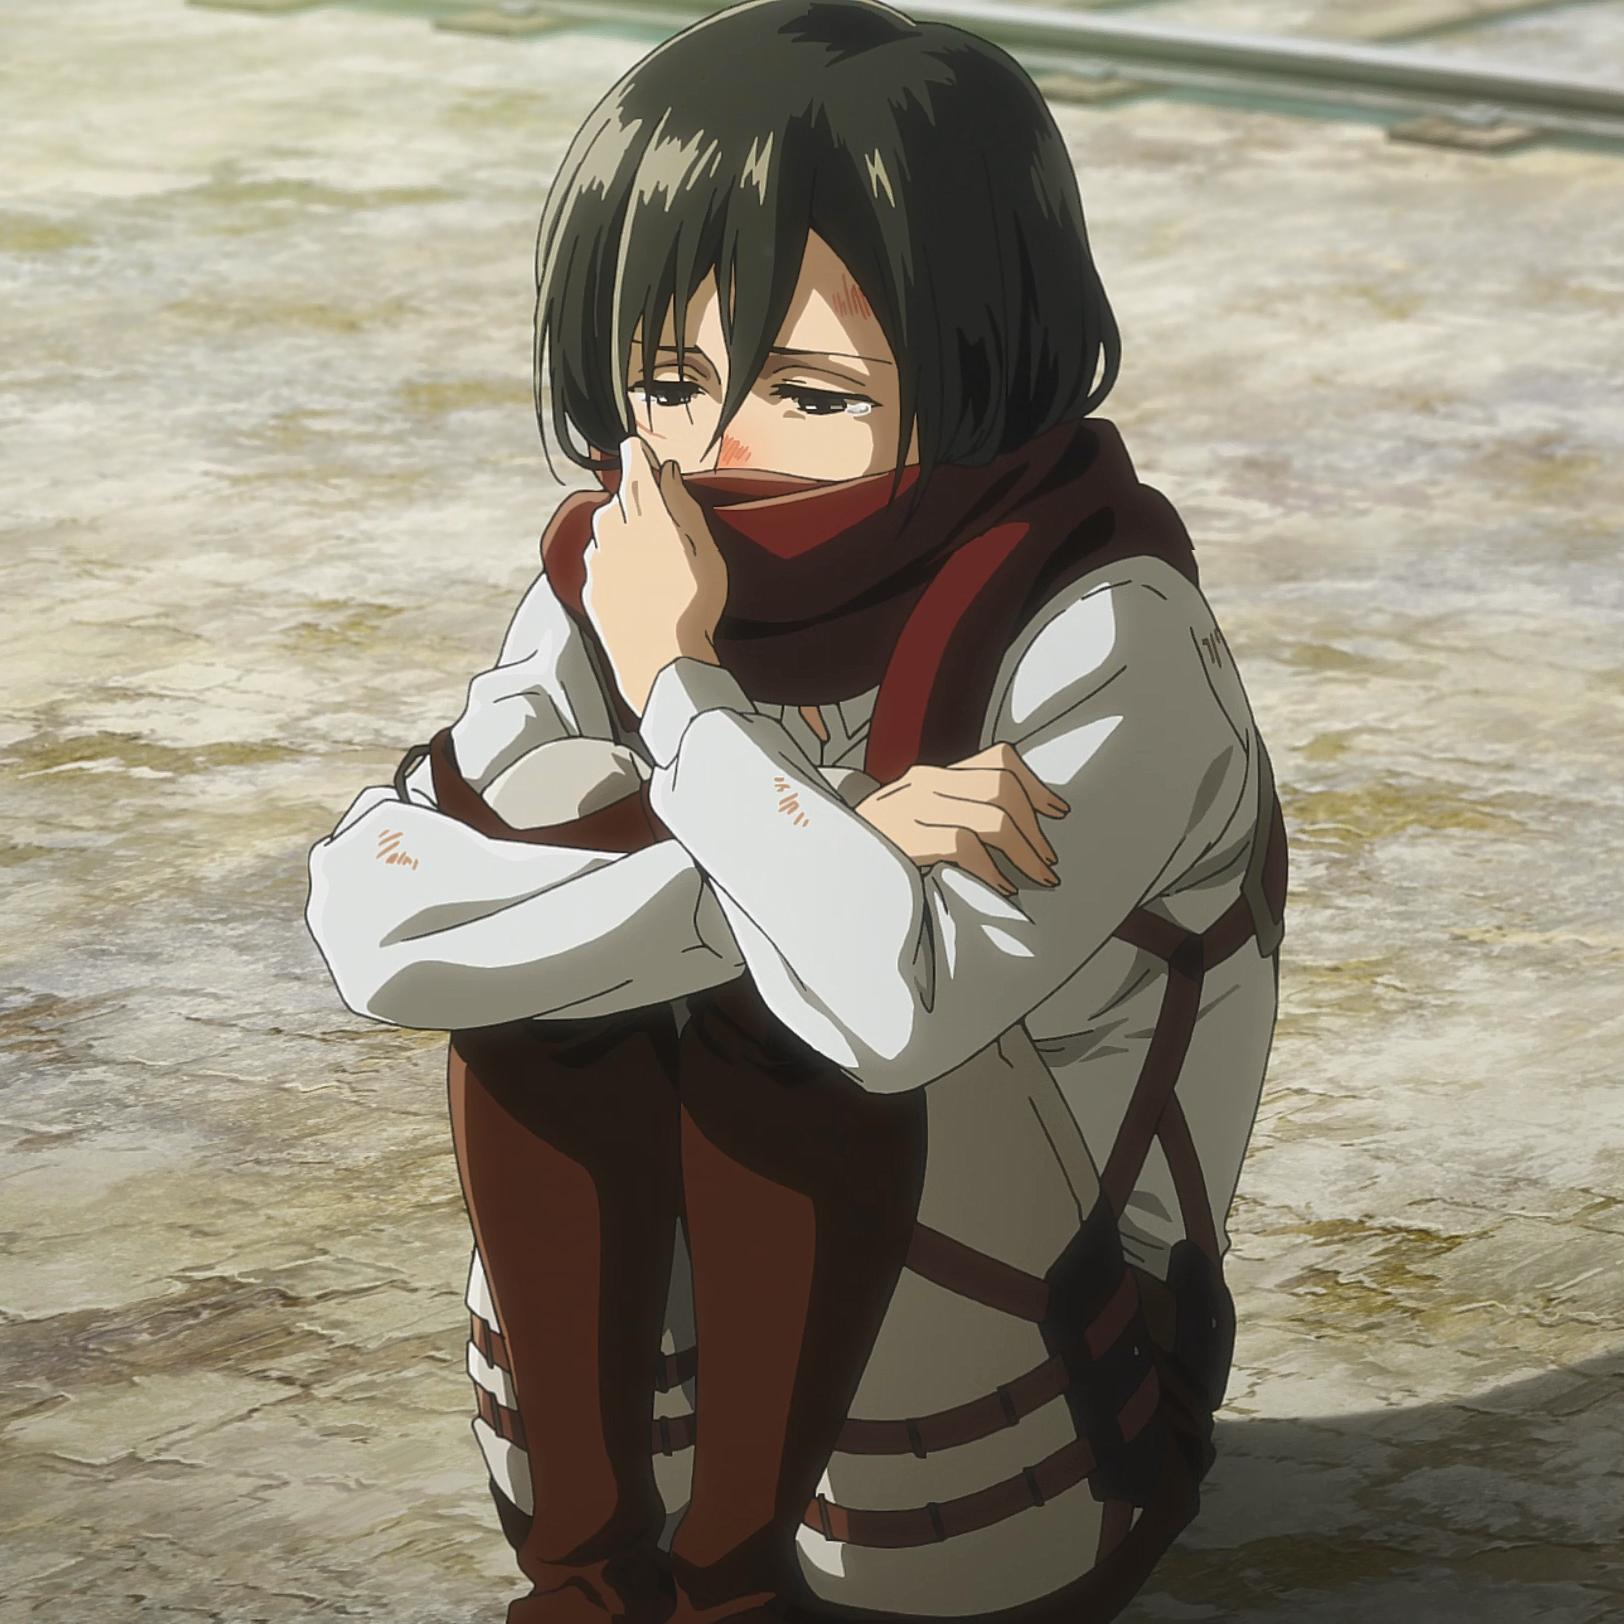 Mikasa bedauert es Eren nicht geholfen zu haben.png